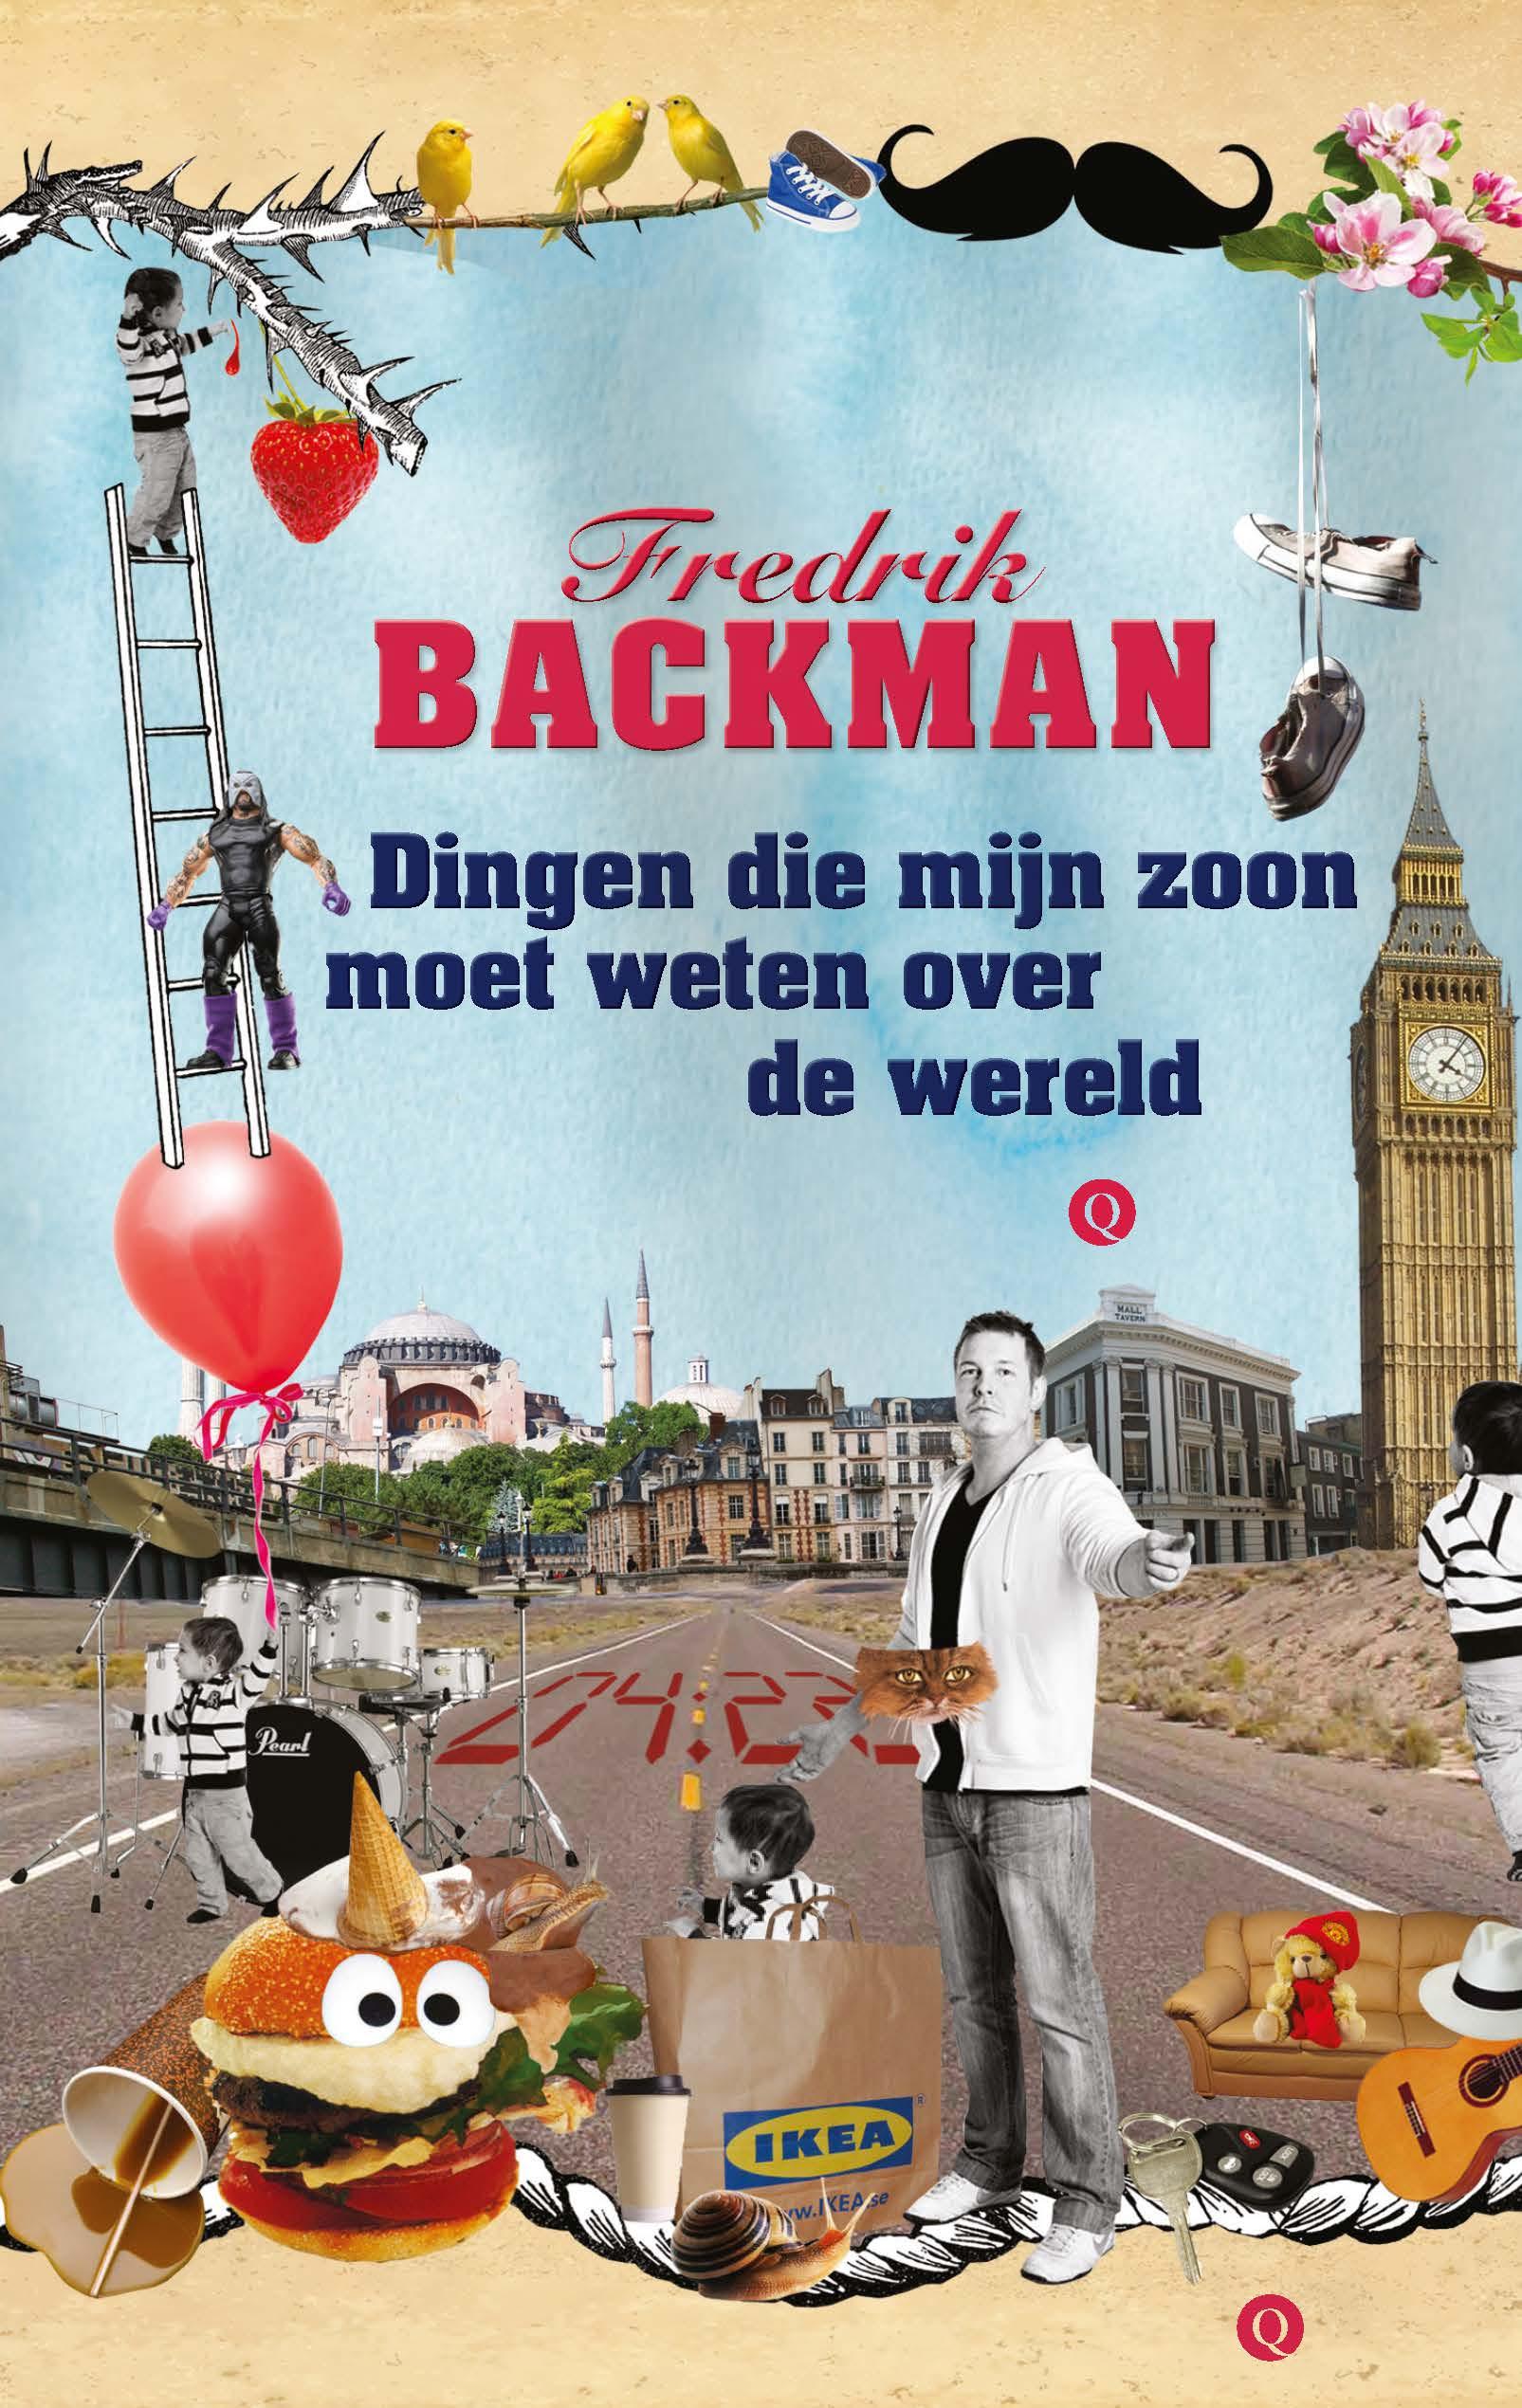 Dingen die mijn zoon moet weten over de wereld – Fredrik Backman